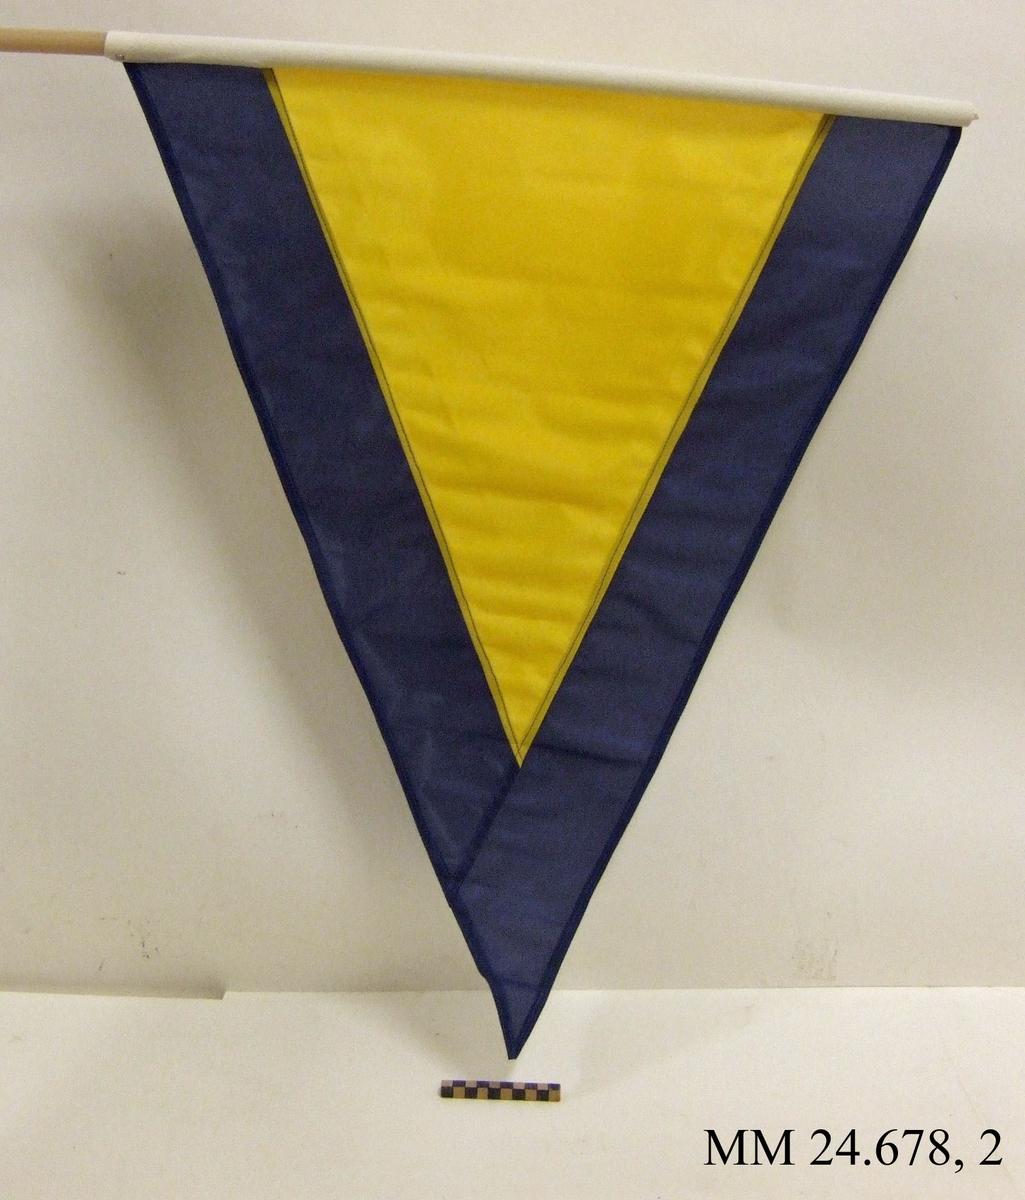 Fartstandert av nylon på rund stång av plast. Även standerten Alfa. Trekantig form, gul med mörkblå kant ca 120mm. Vitt lik trätt på plaststav och skruvat fast. Flaggan ligger i påse tillsammans med tre andra flaggor, sk. fartflaggställ M 8320-034010.